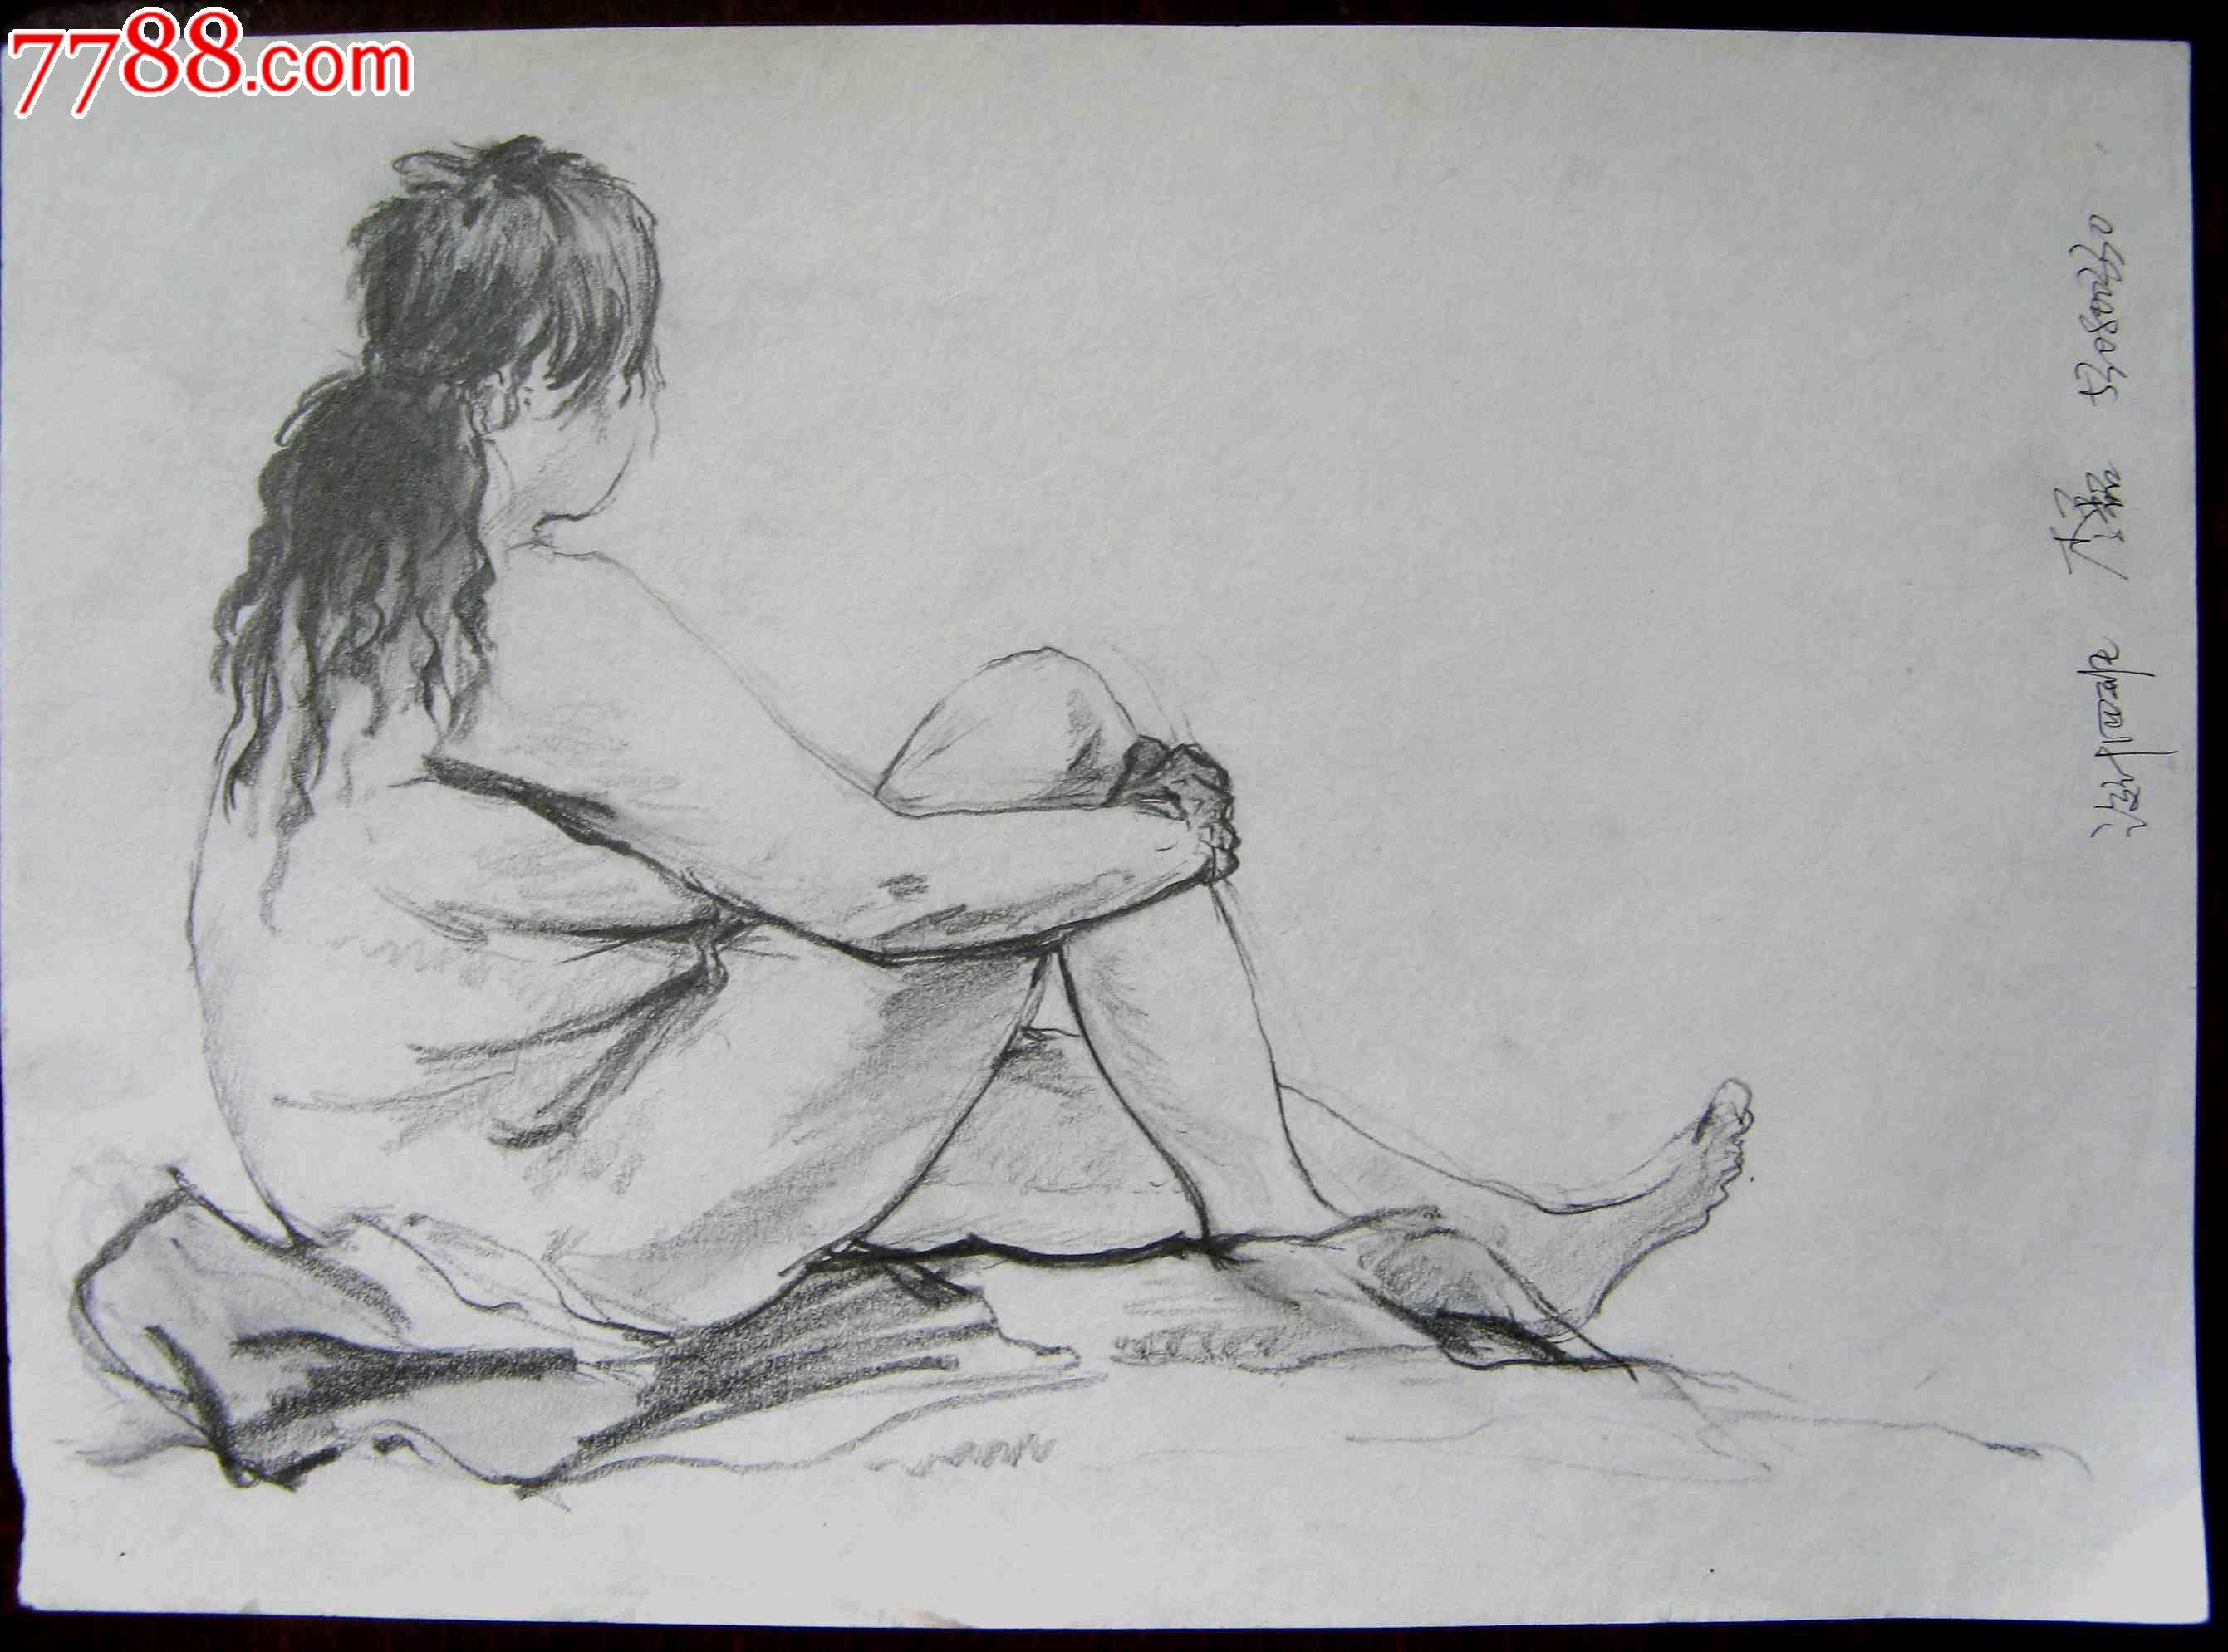 素描人物画:人体抱腿坐